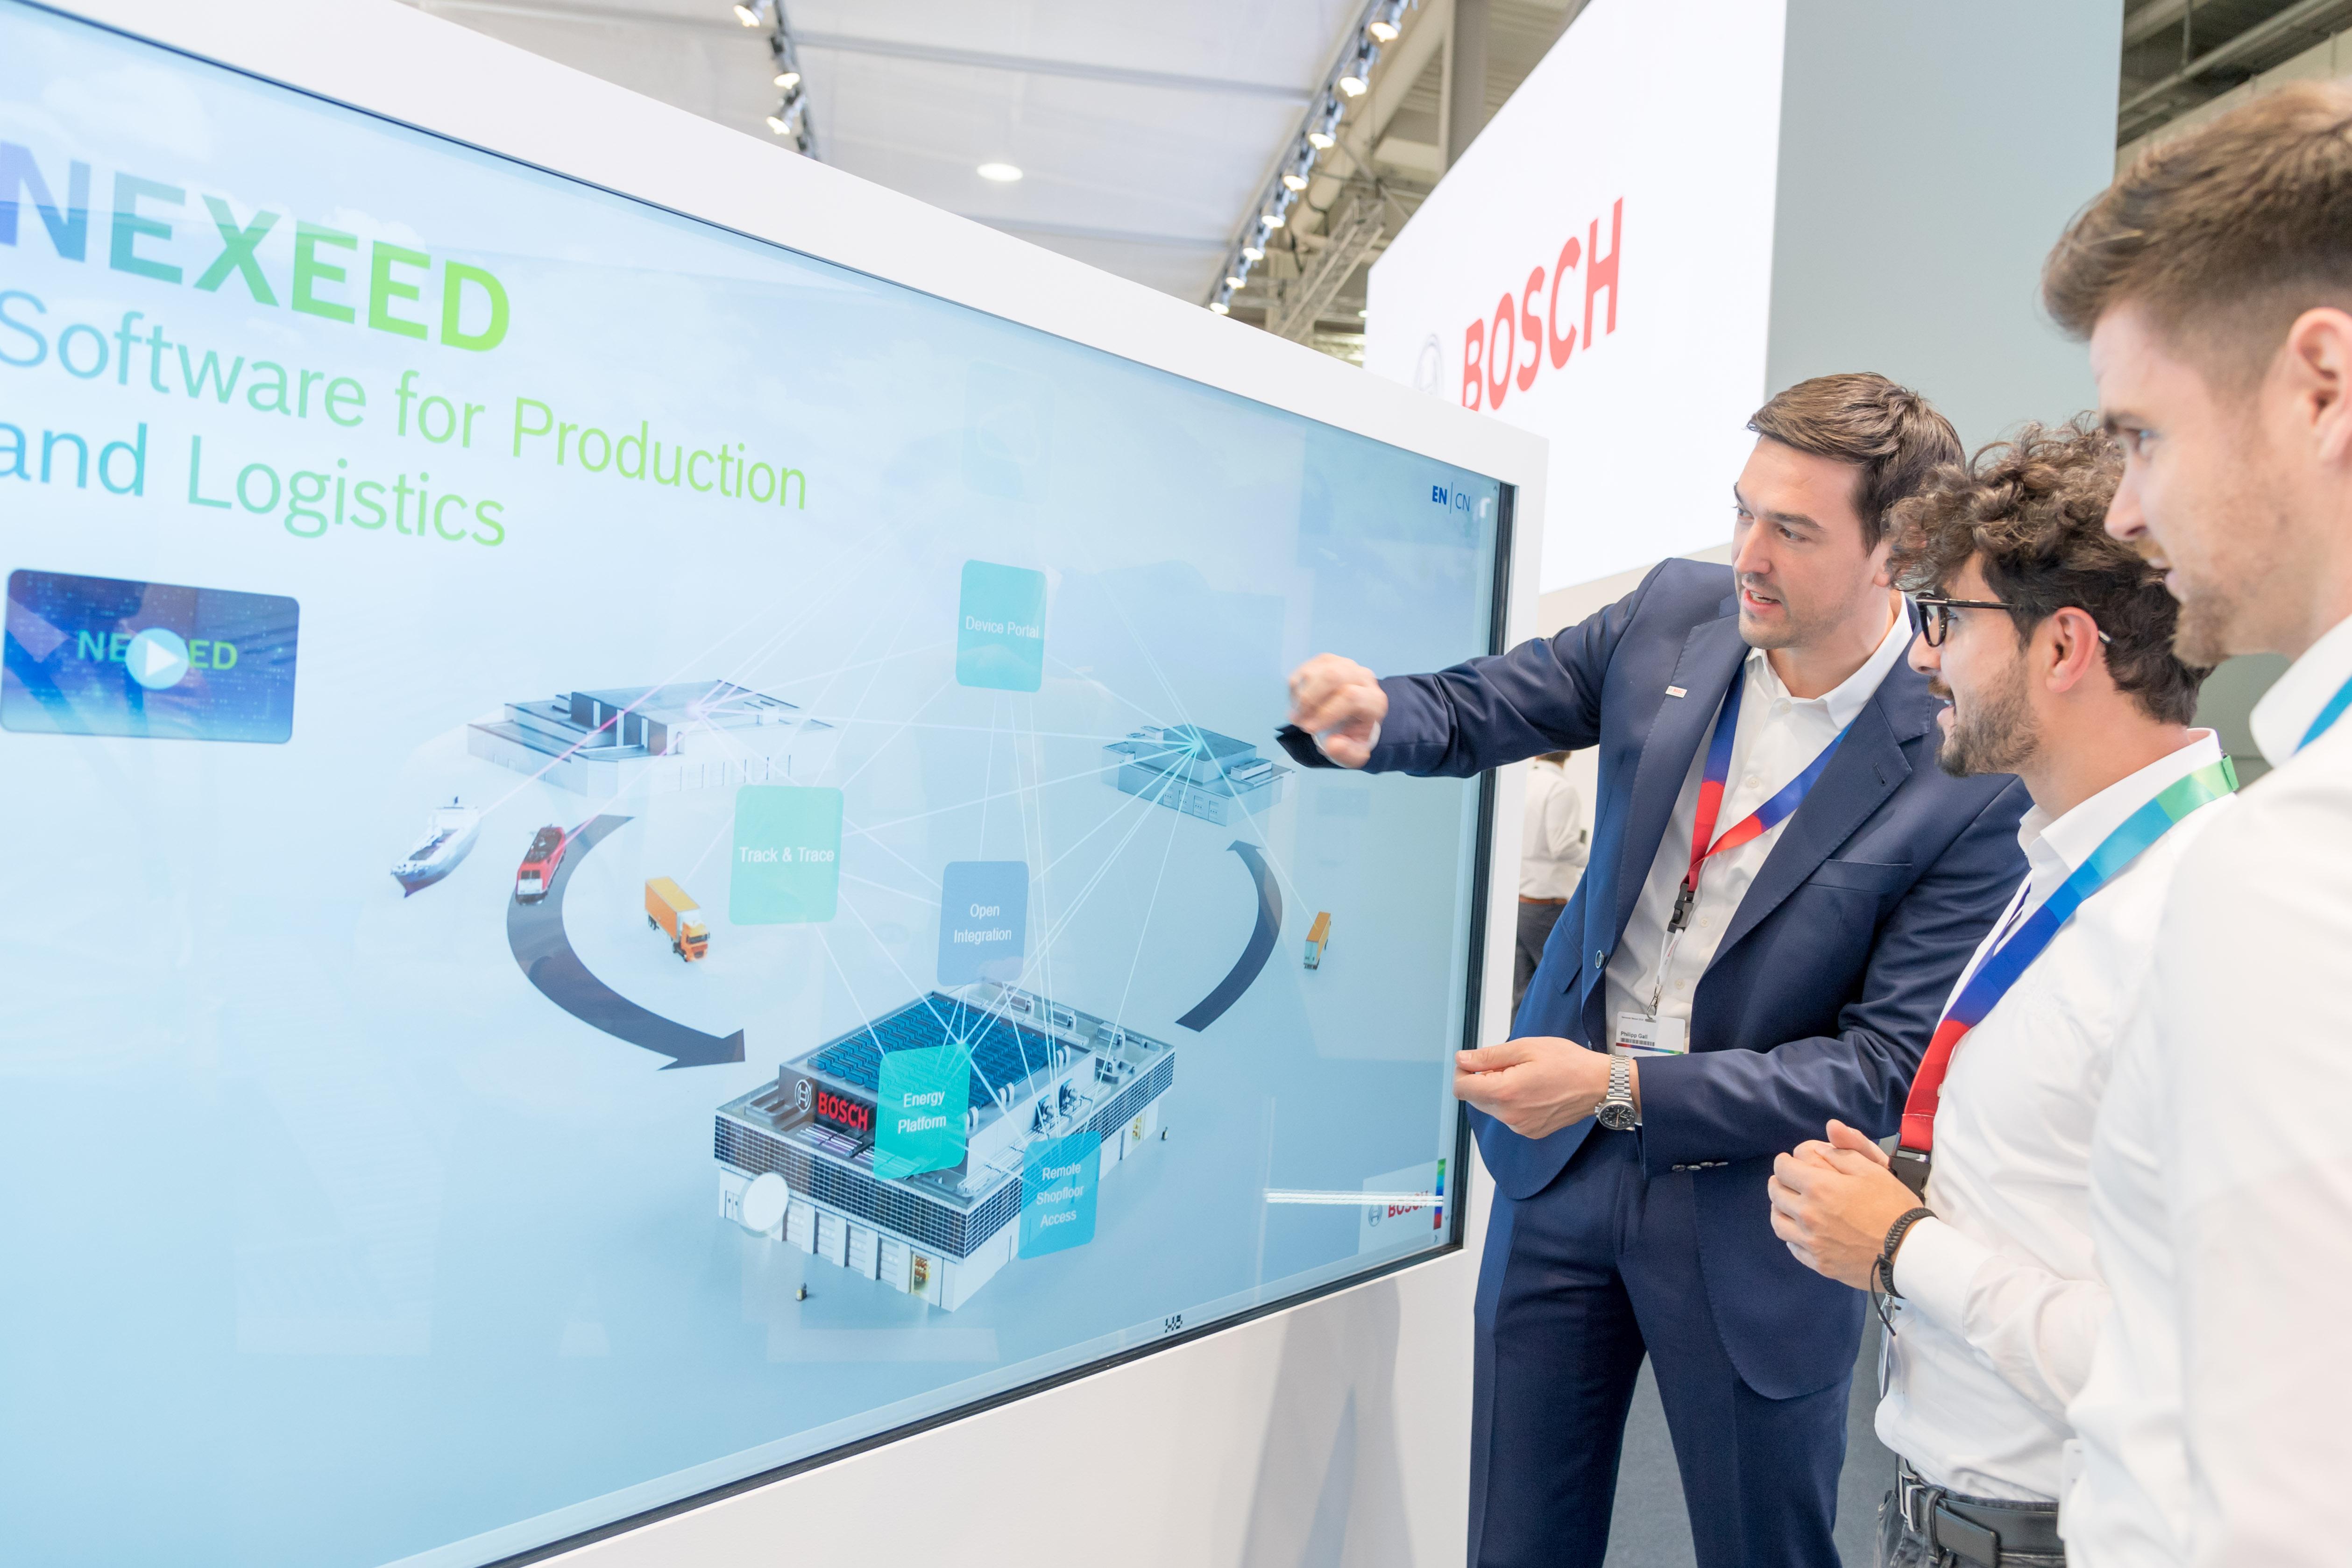 Bosch ukazuje komplexné portfólio softwaru pre výrobu a logistiku (Nexeed)